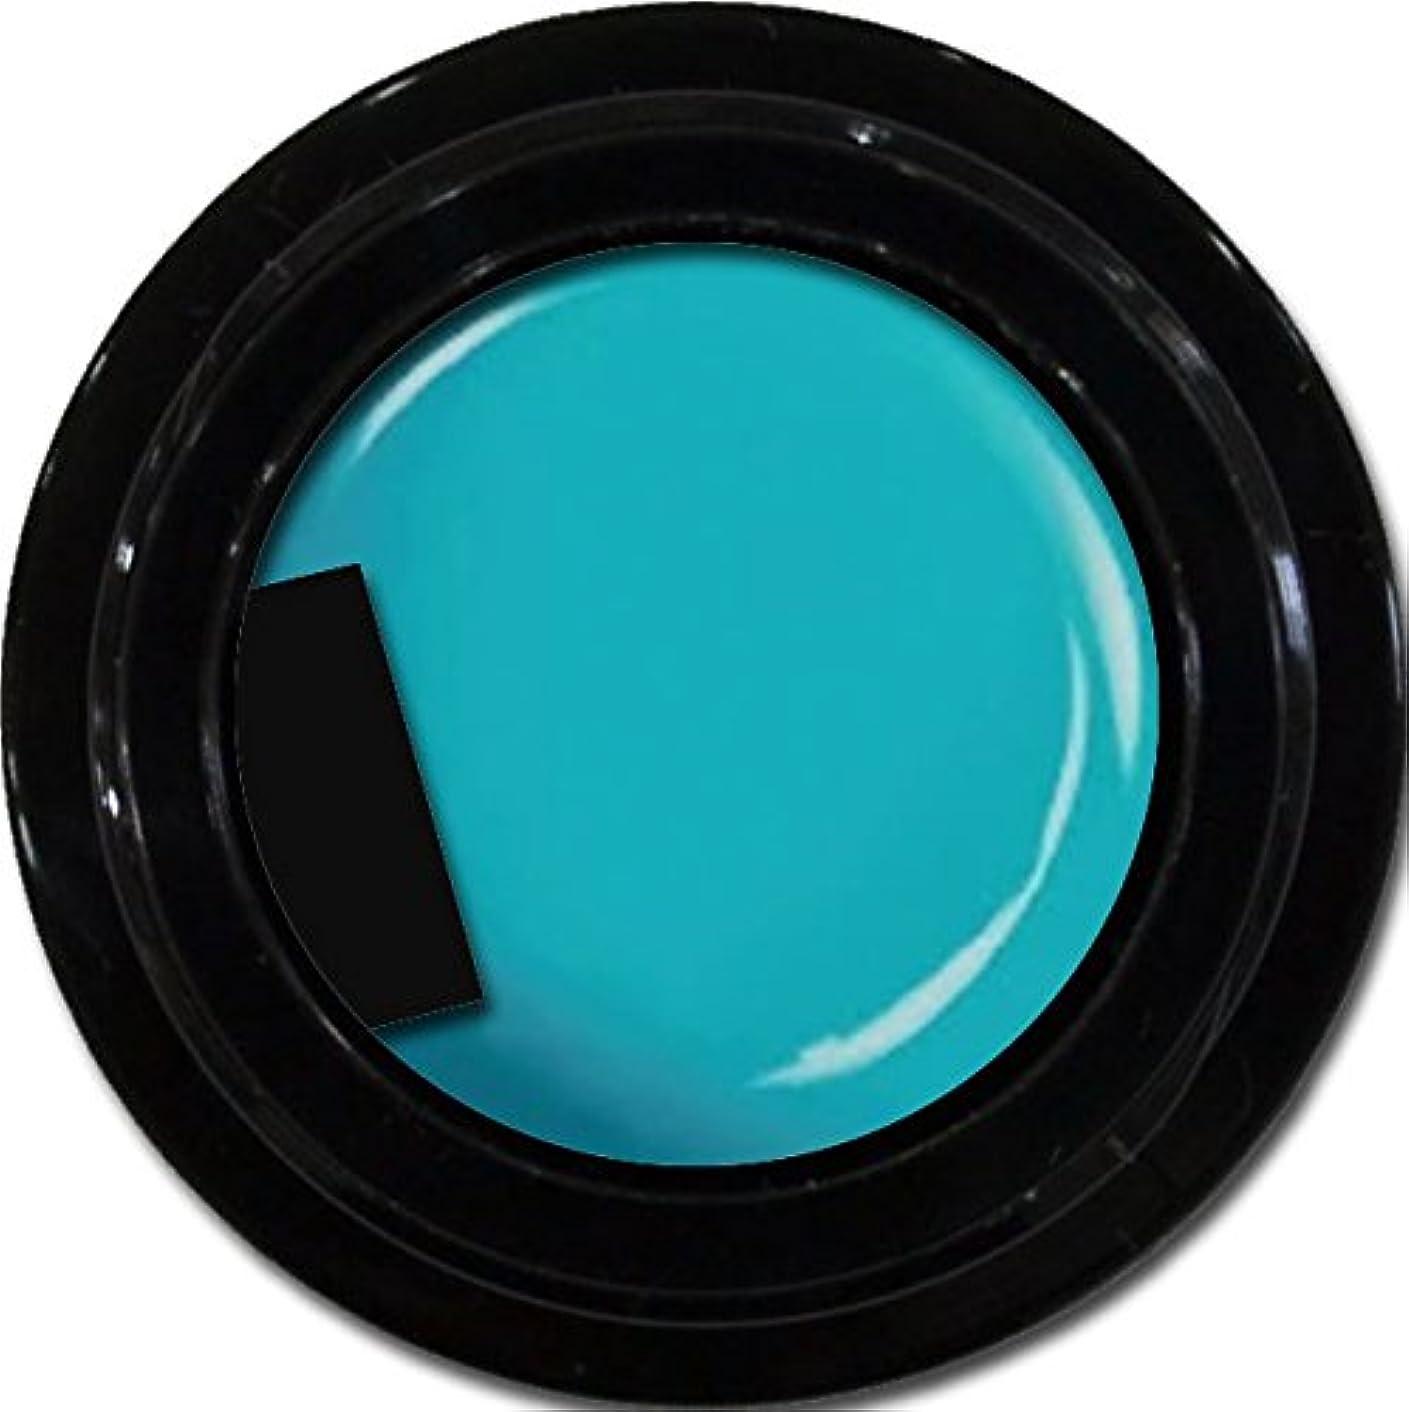 印をつける辛いペチュランスカラージェル enchant color gel M707 CanalBlue3g/ マットカラージェル M707カナールブルー 3グラム